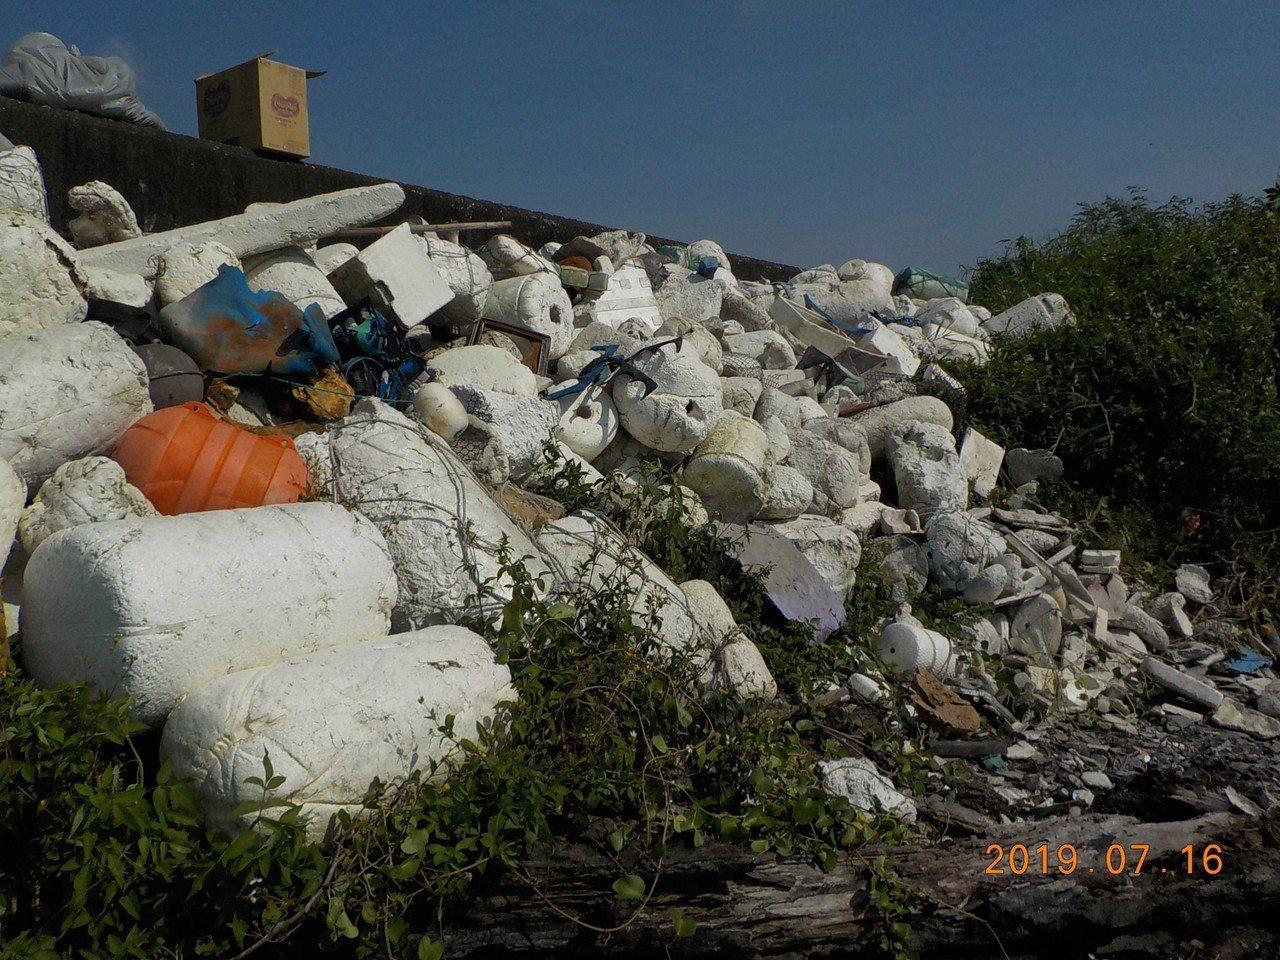 大城鄉大城南段海堤多保麗龍浮球等廢棄物。圖/彰化環保局提供